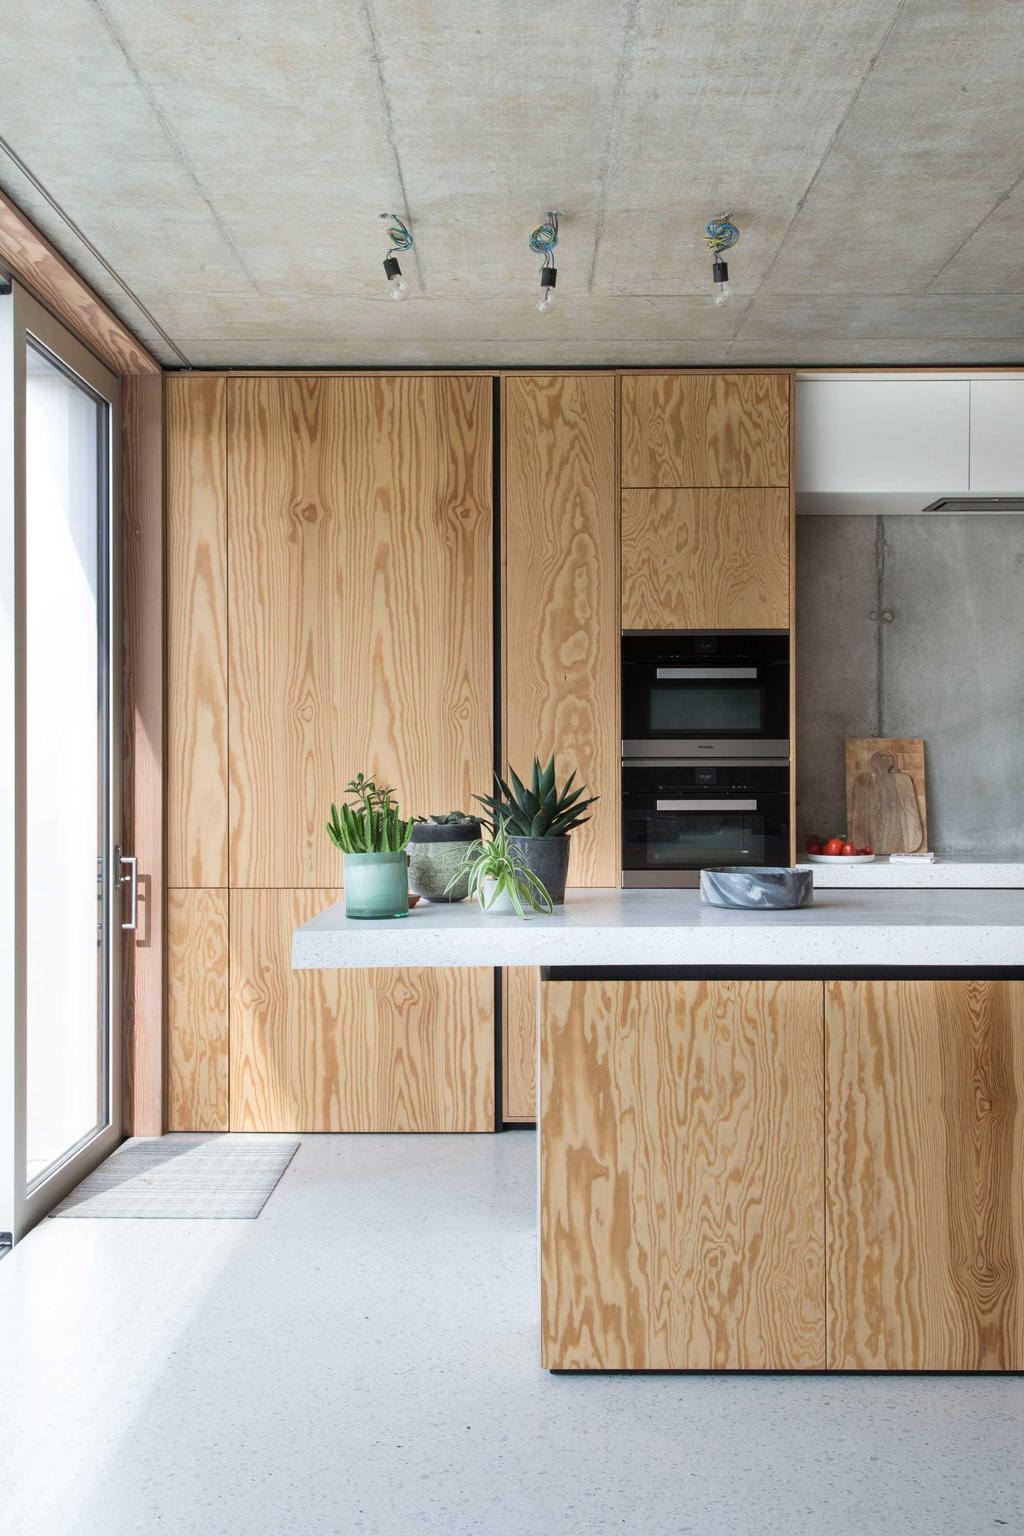 beton keuken hout